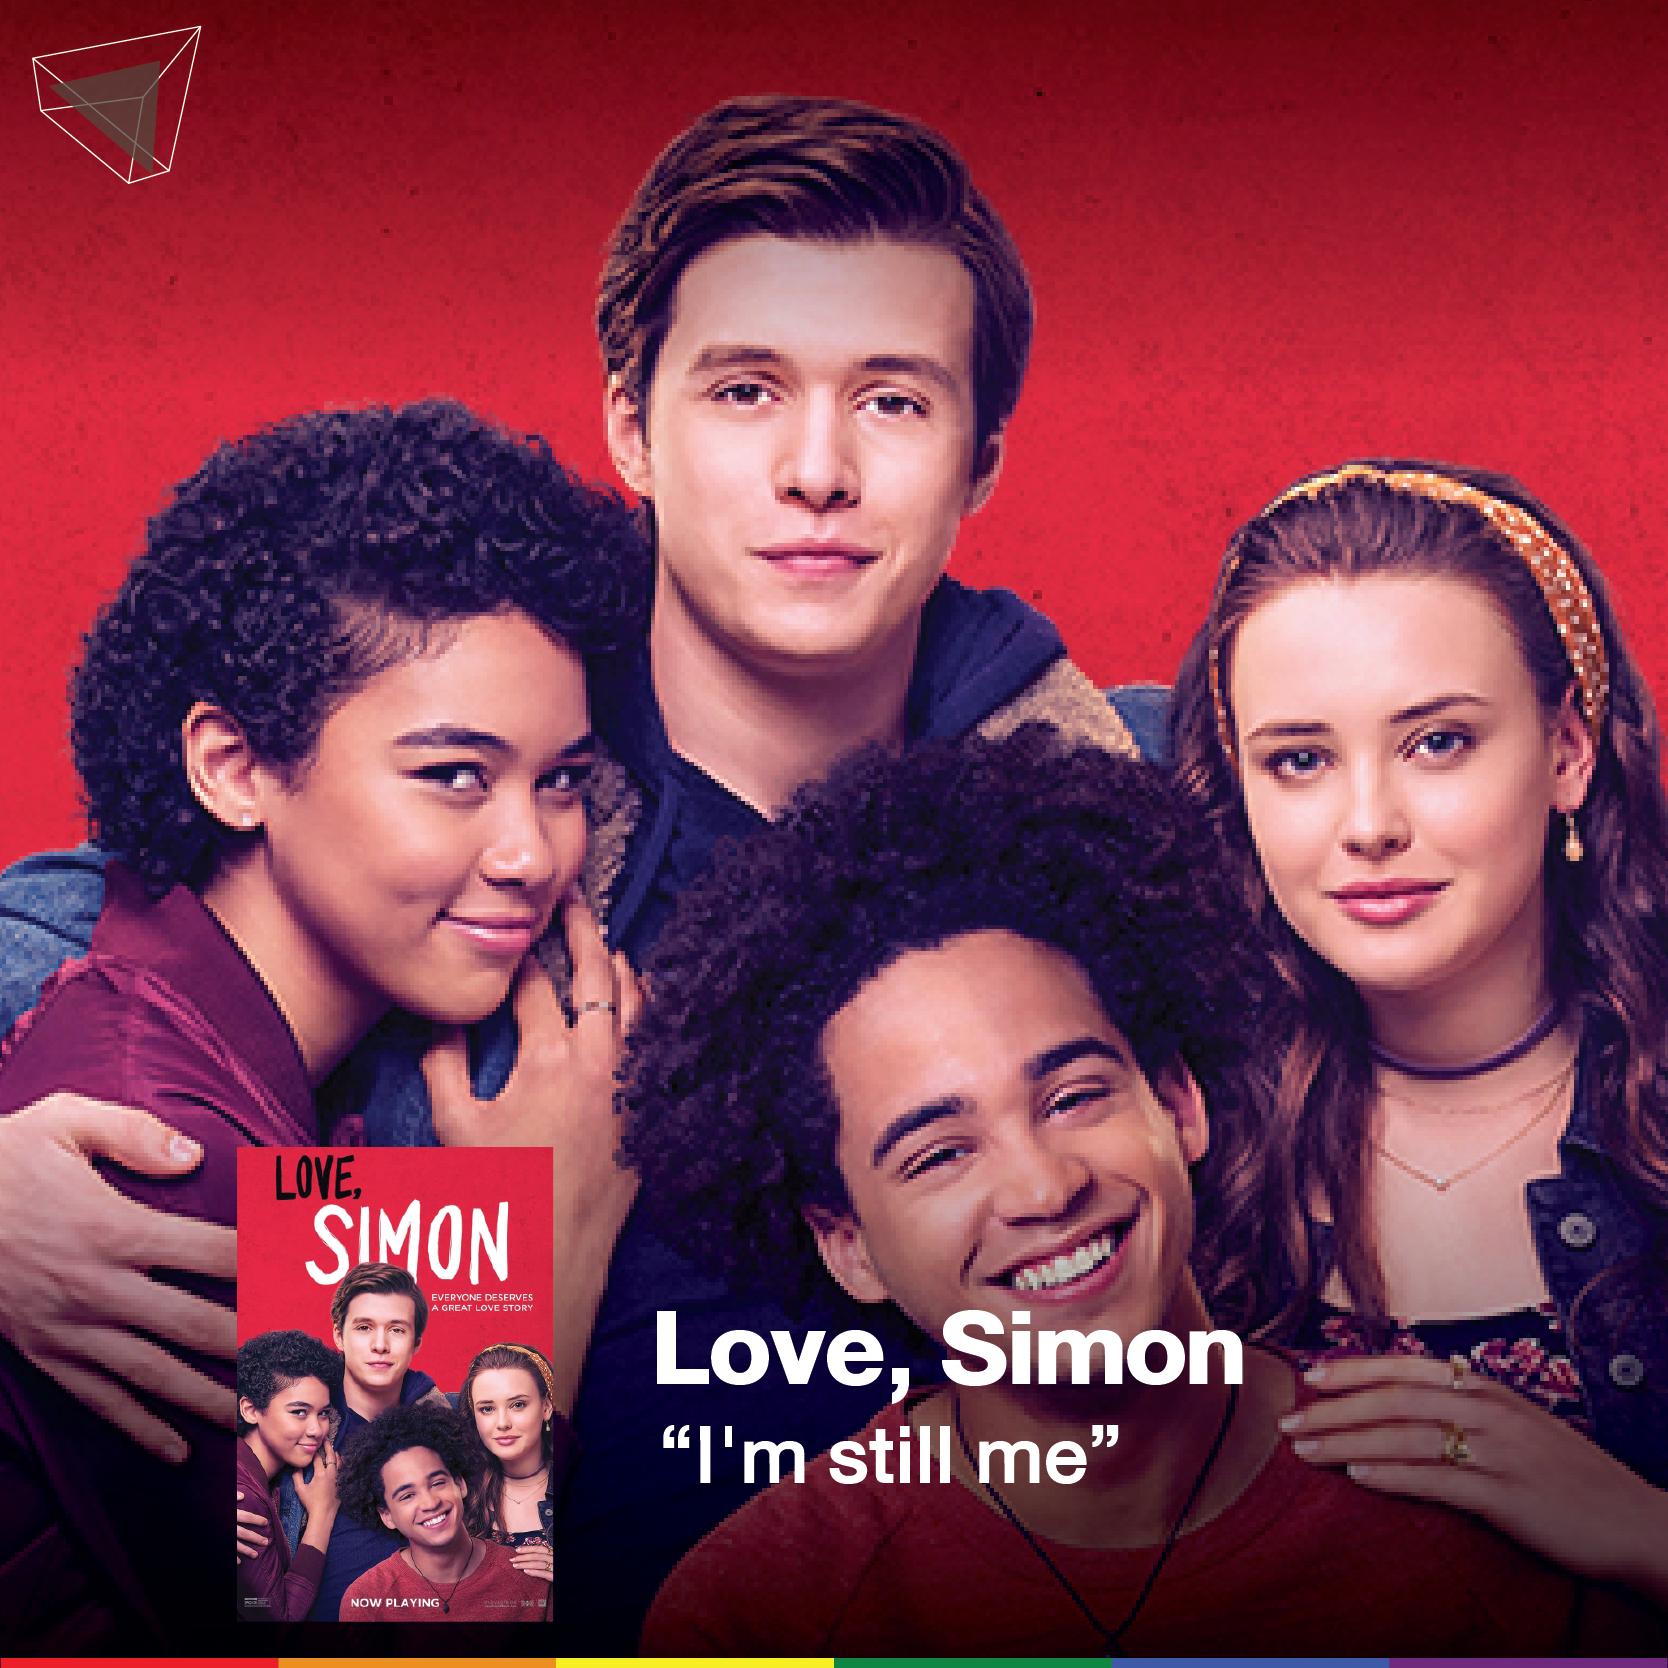 Love, Simon (2018) หนังเกย์ฉบับวัยรุ่นไฮสคูล